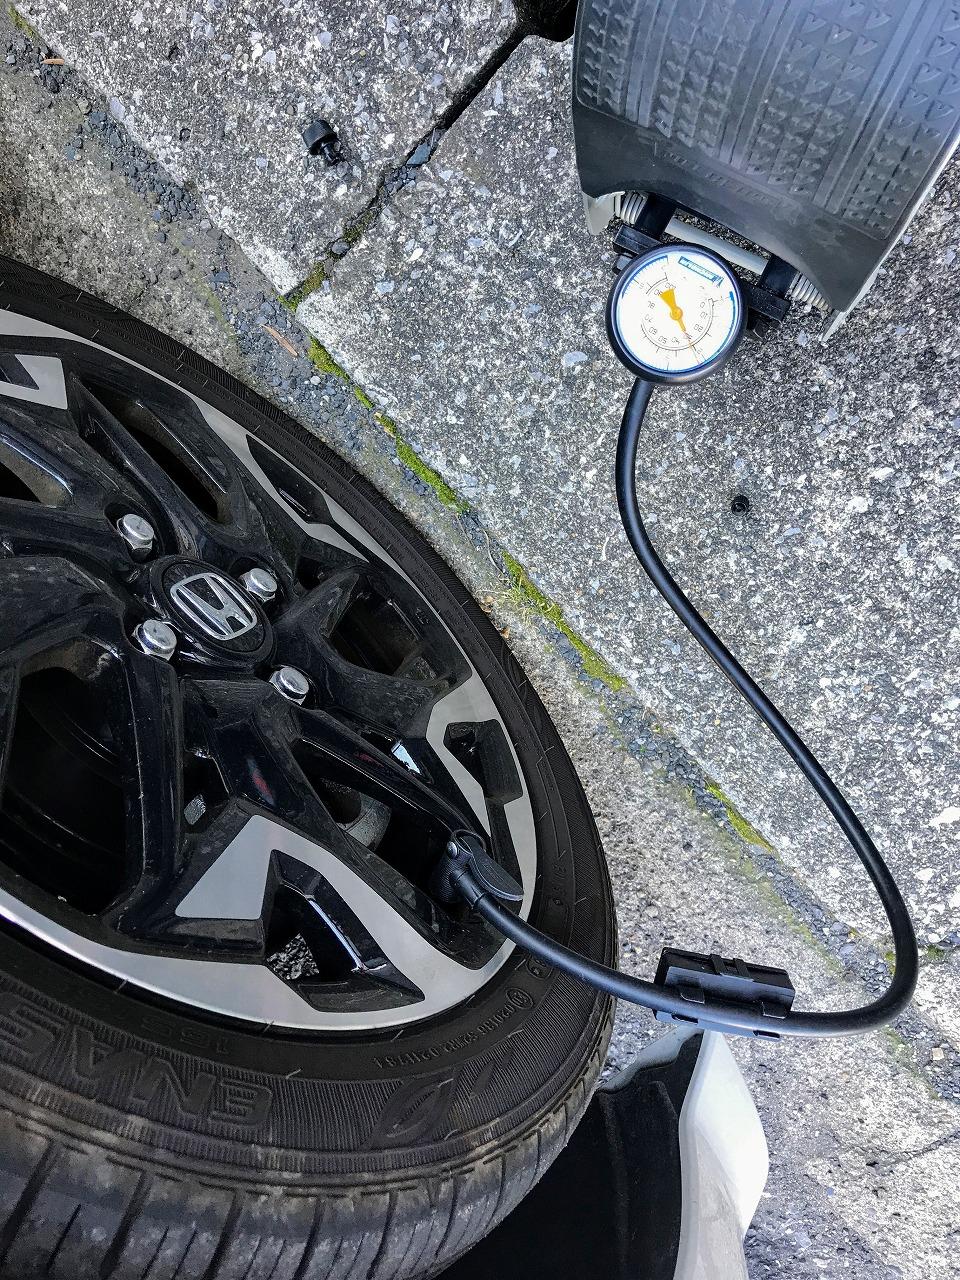 久しぶりにN-BOXカスタムのタイヤ空気圧チェックしたらかなり減ってました。。。推奨空気圧は?